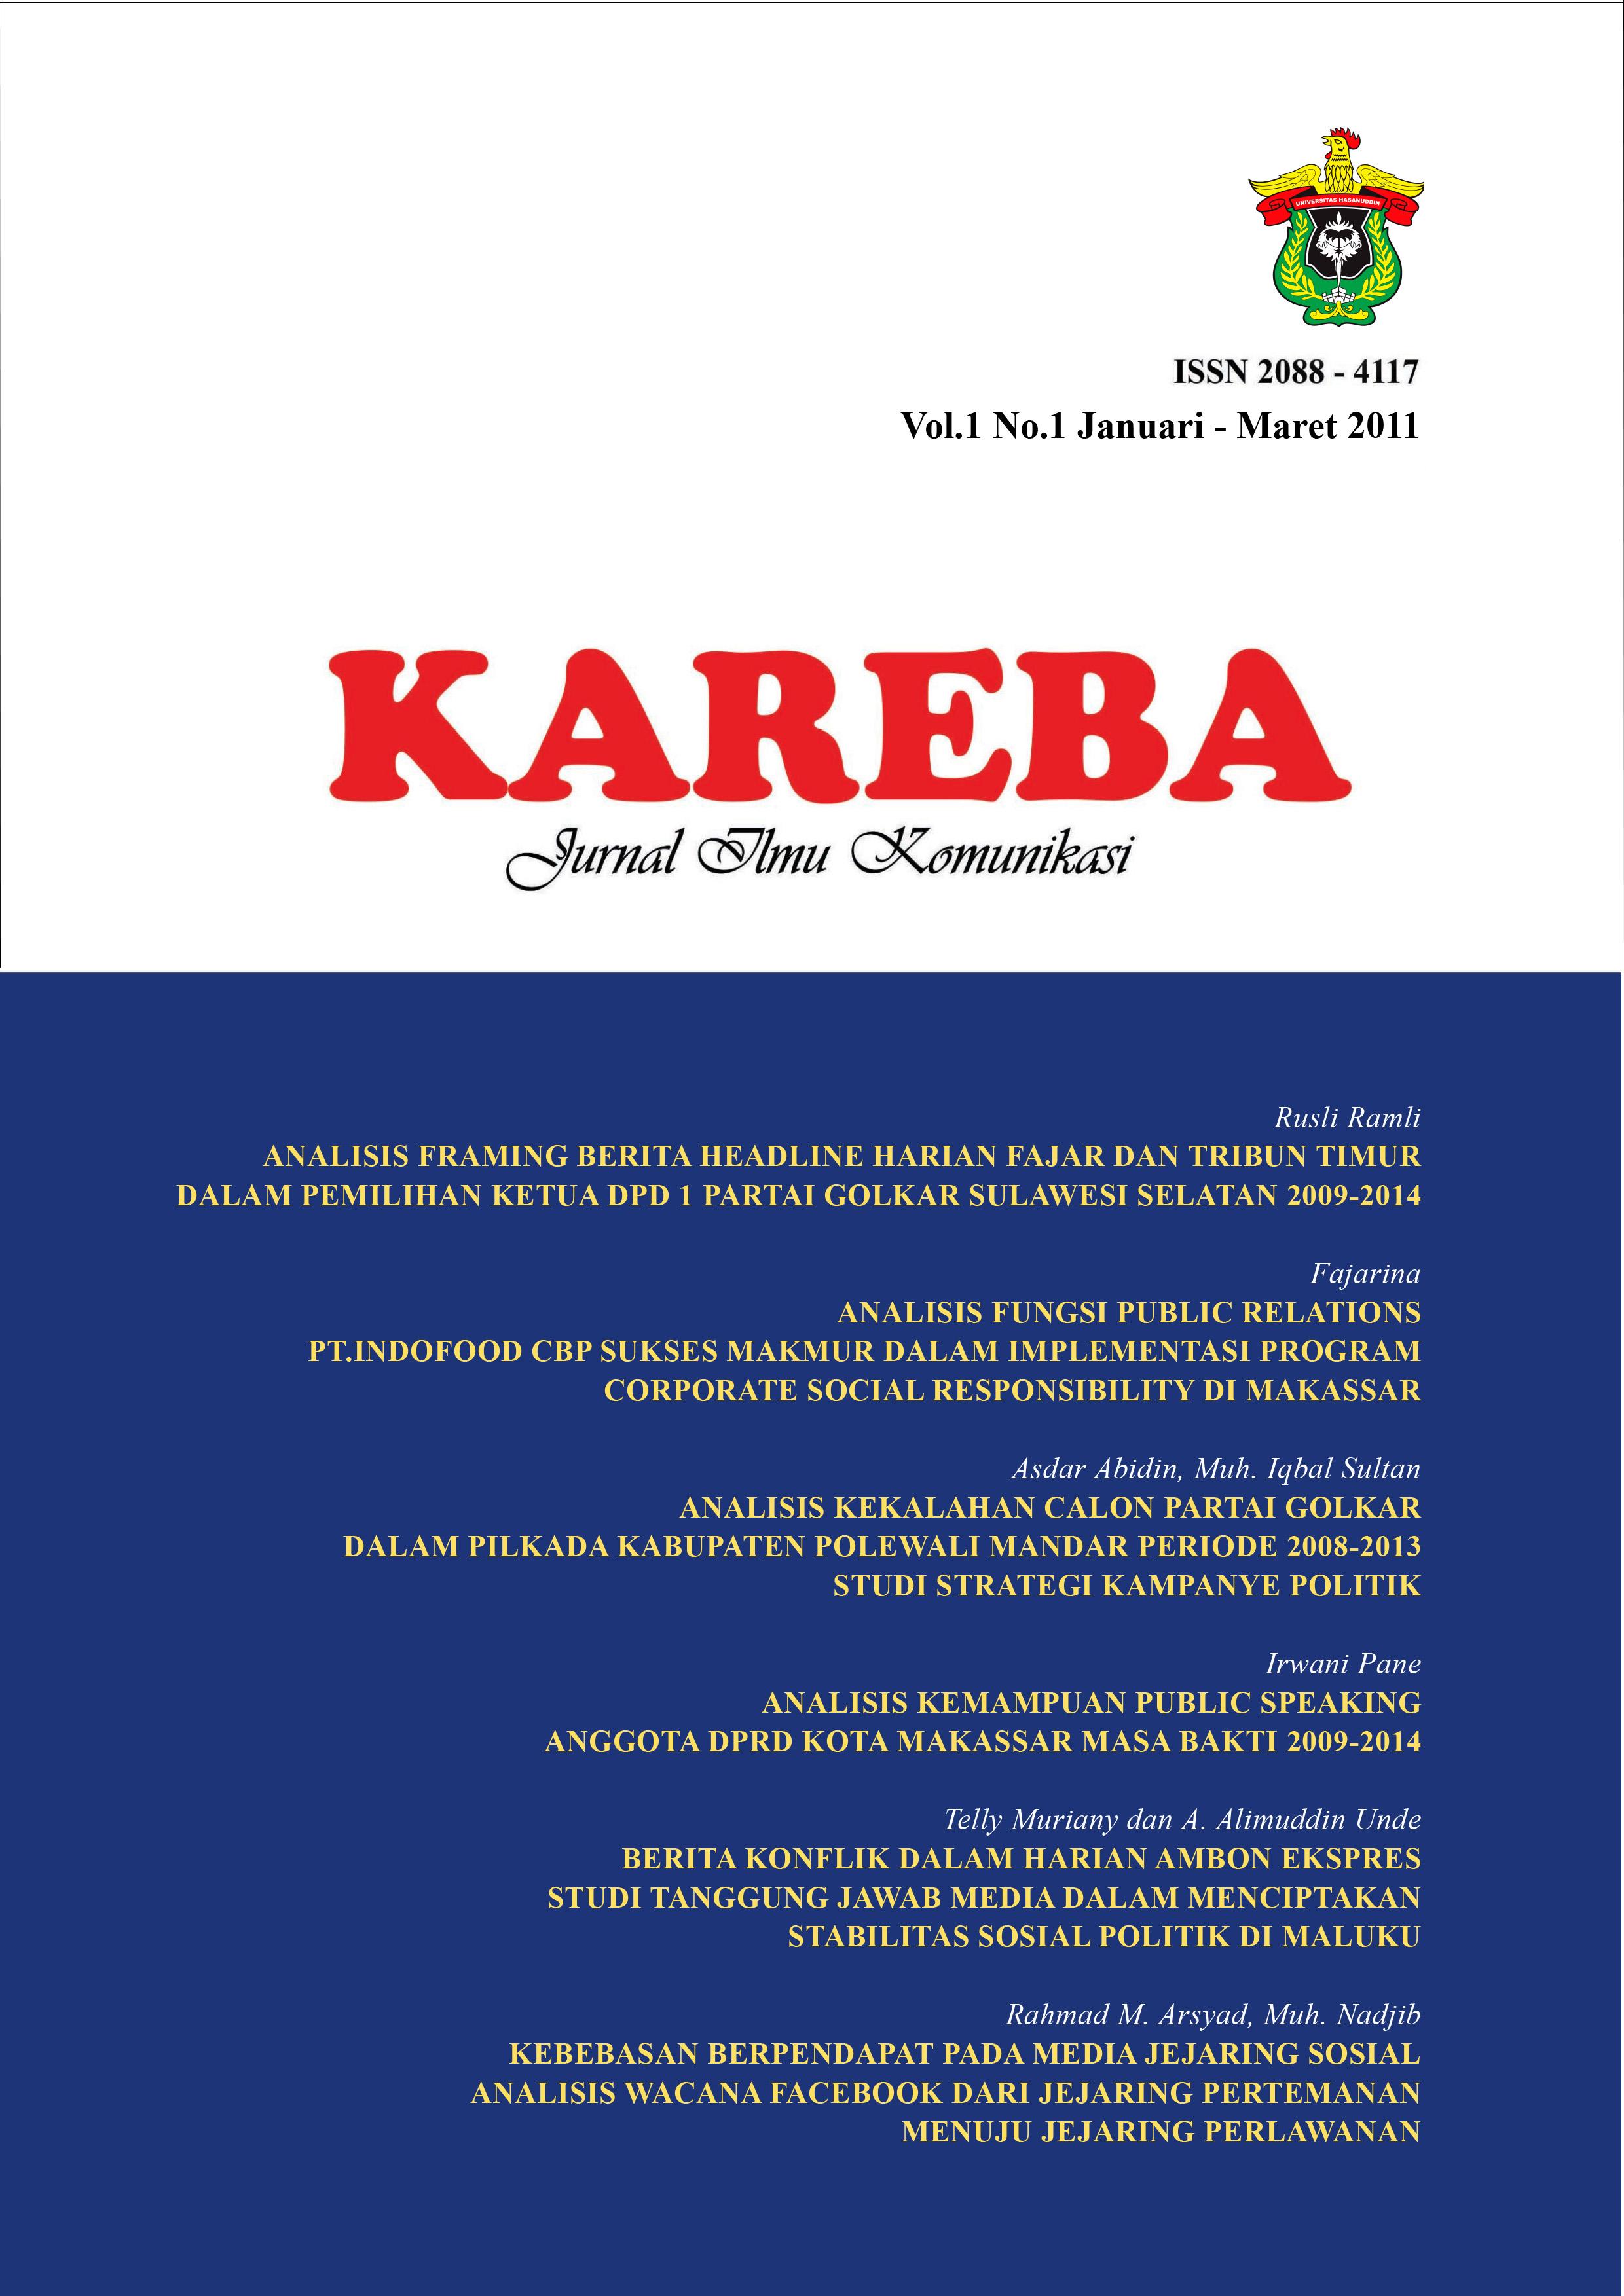 View Vol.1 No.1 Januari - Maret 2011